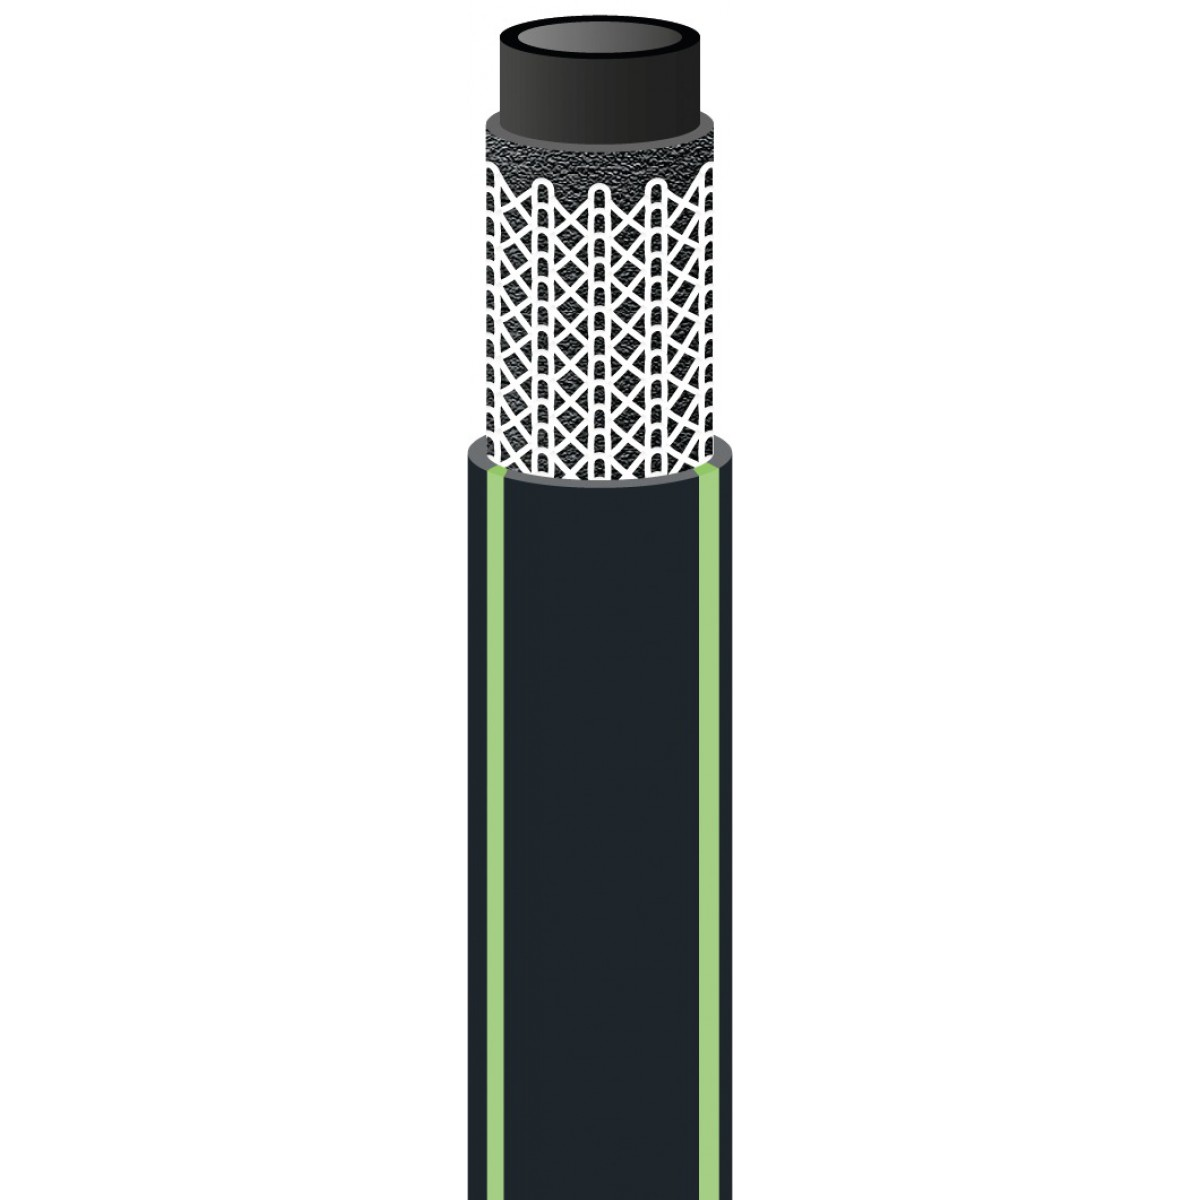 Tuyau d'arrosage Néo Confort Cap Vert - Diamètre 15 mm - Longueur 10 m